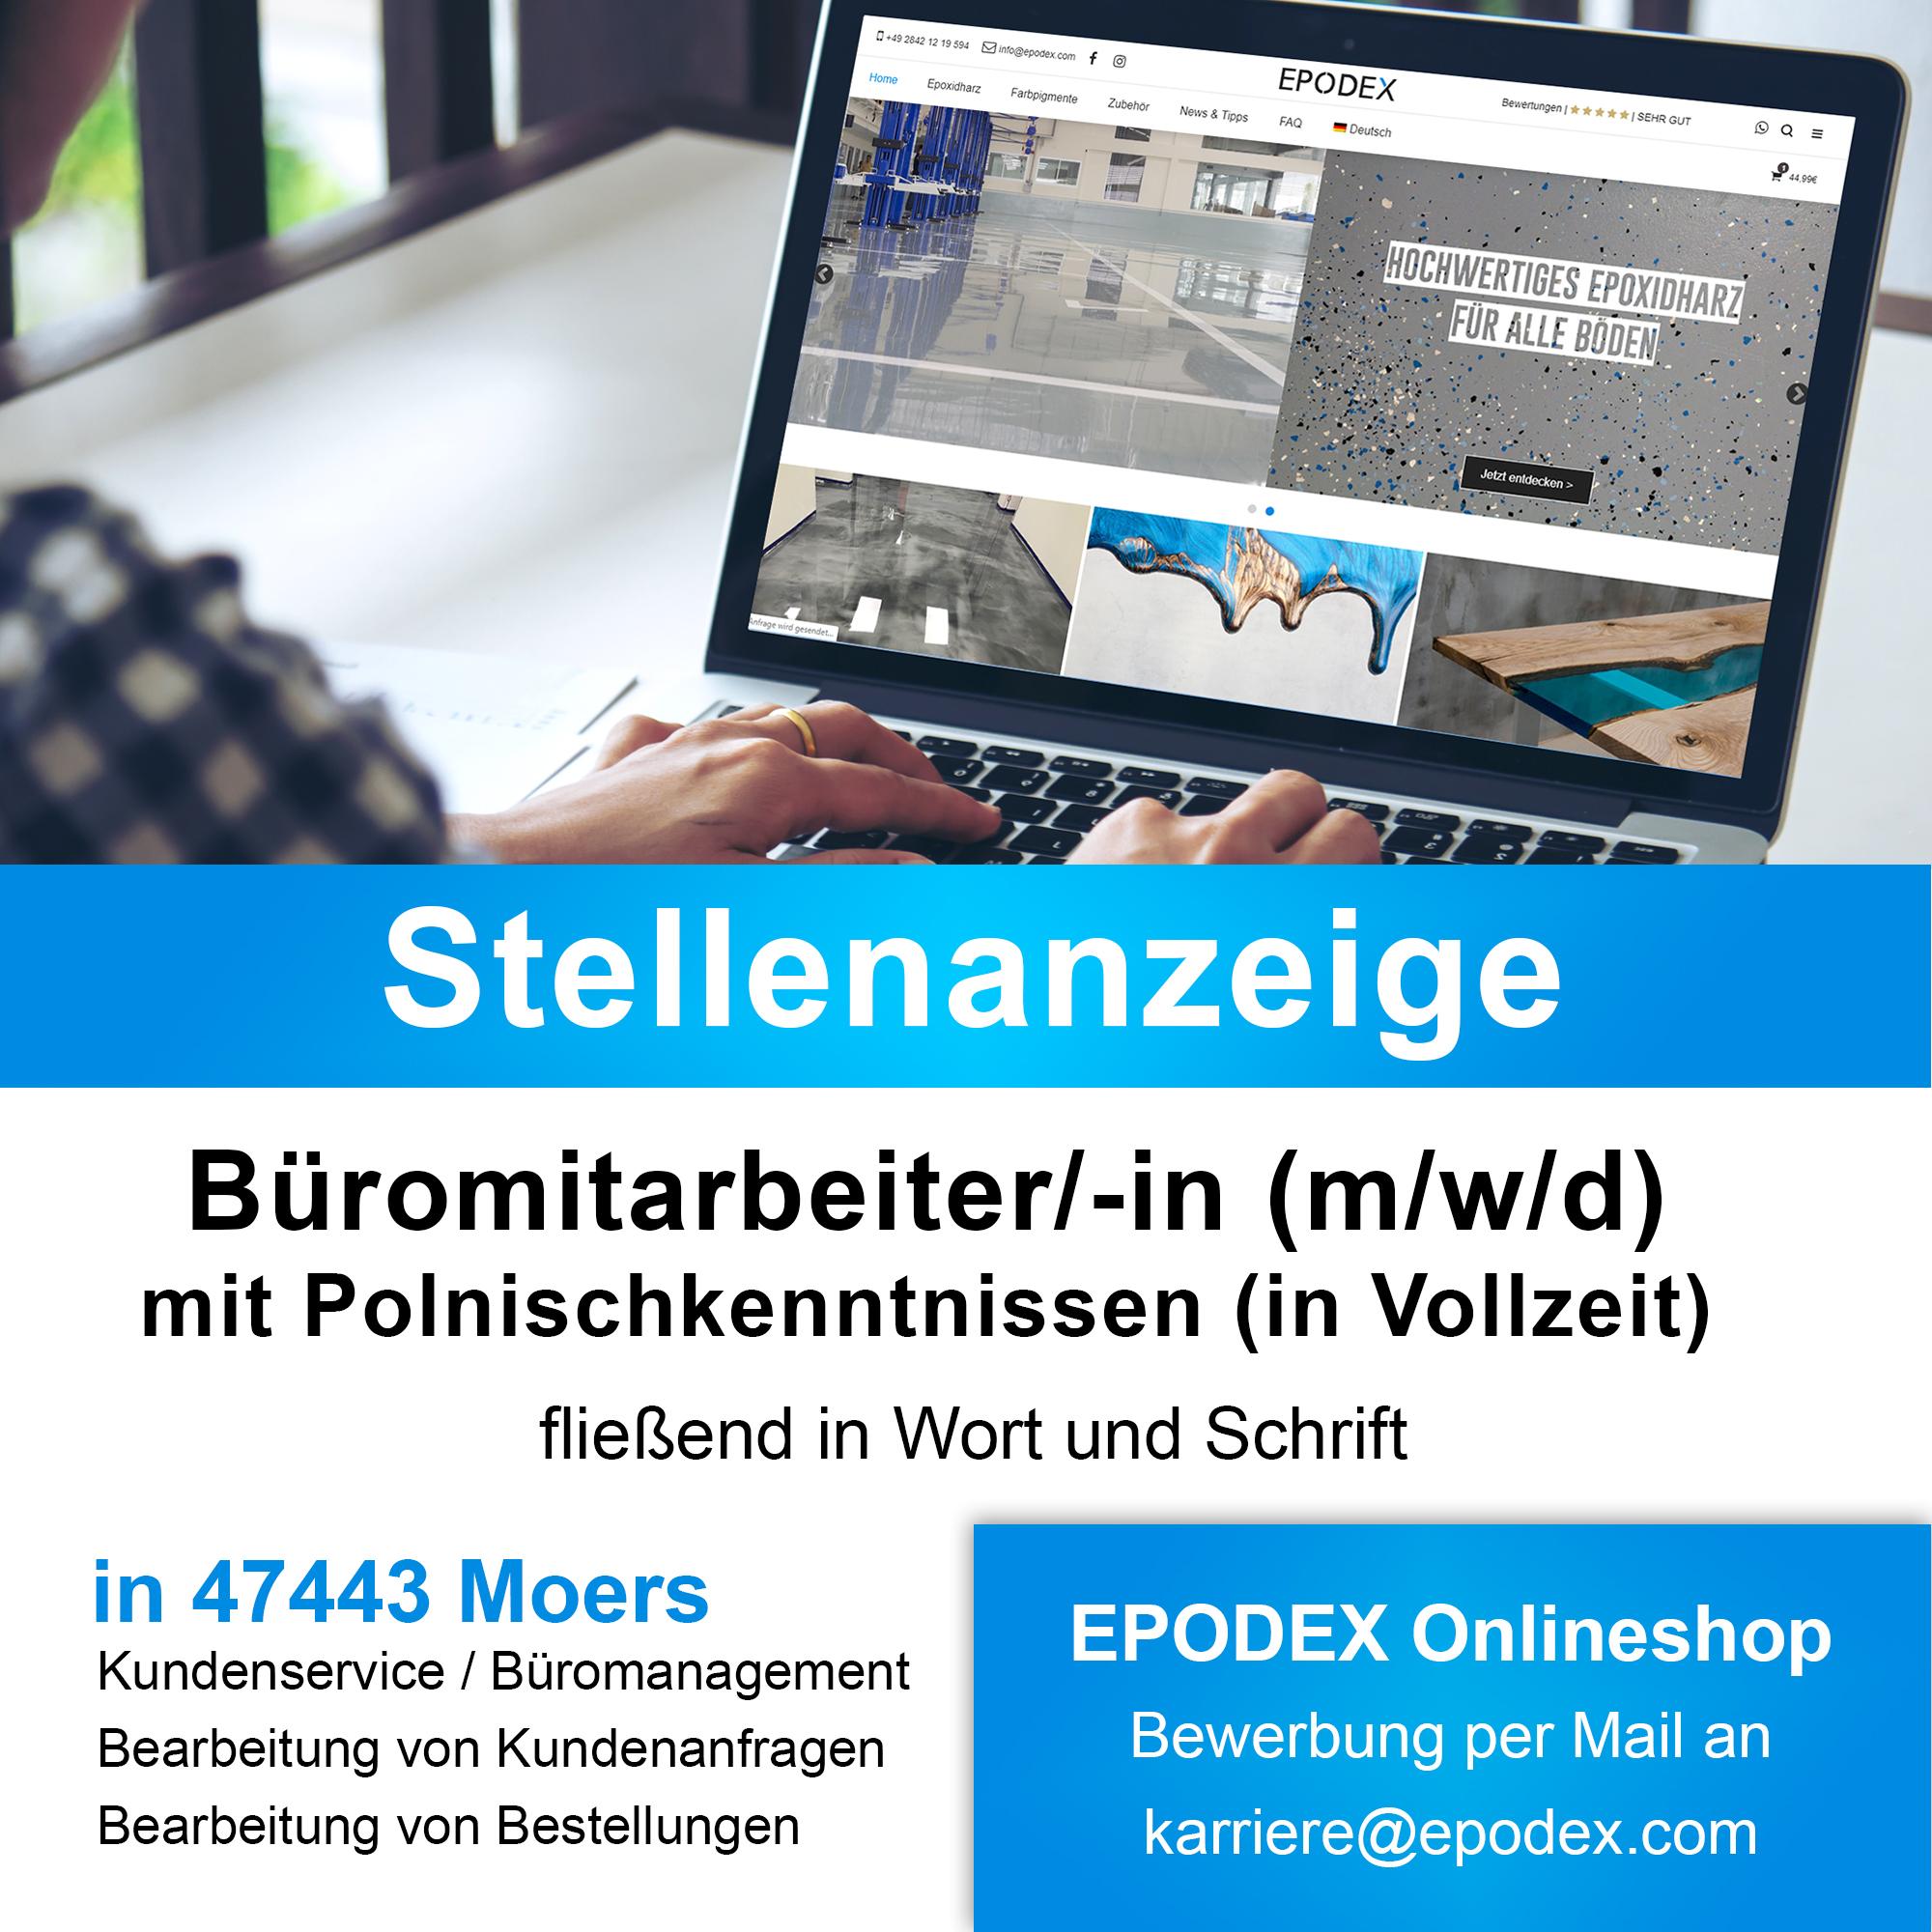 Büromitarbeiter/-in (m/w/d) mit Polnischkenntnissen (in Vollzeit)